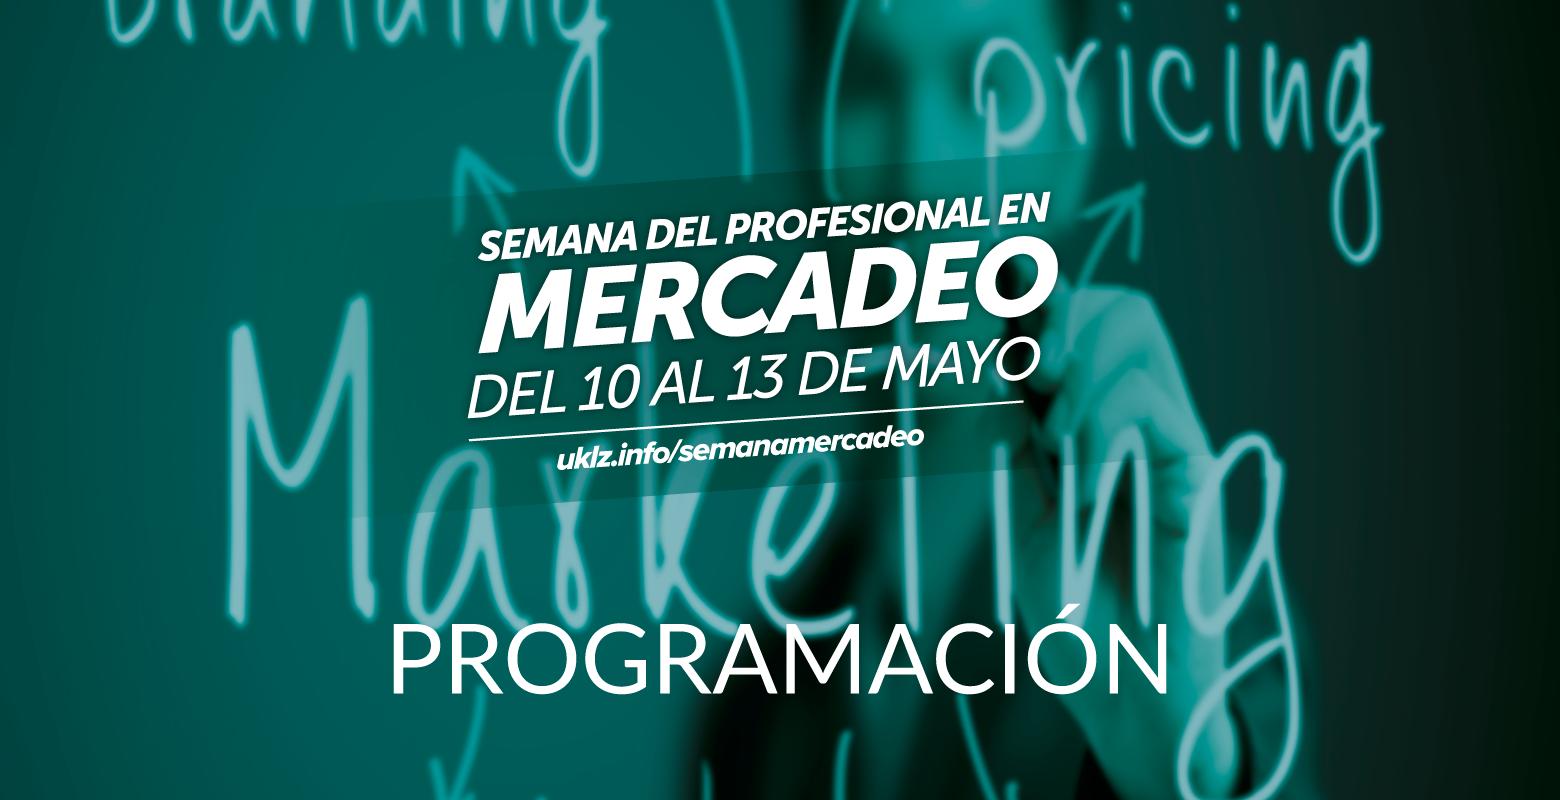 Programación de la Semana del Profesional en Mercadeo